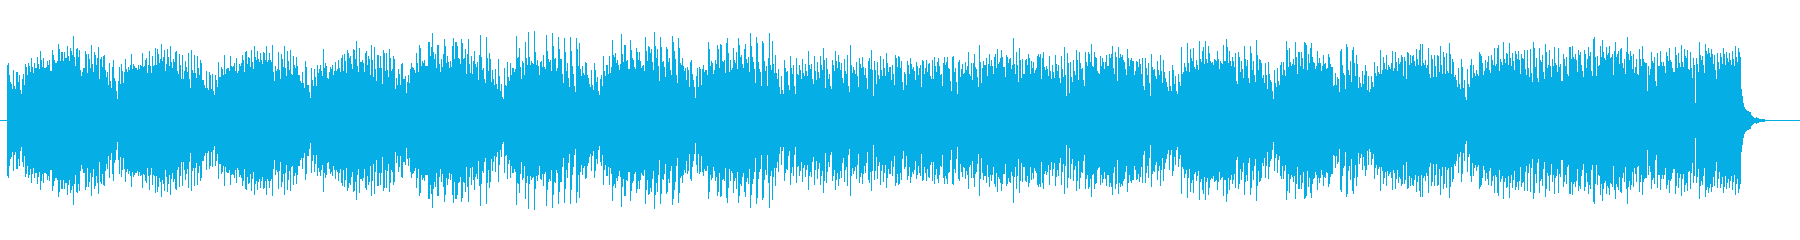 神妙なテクノミュージックの再生済みの波形